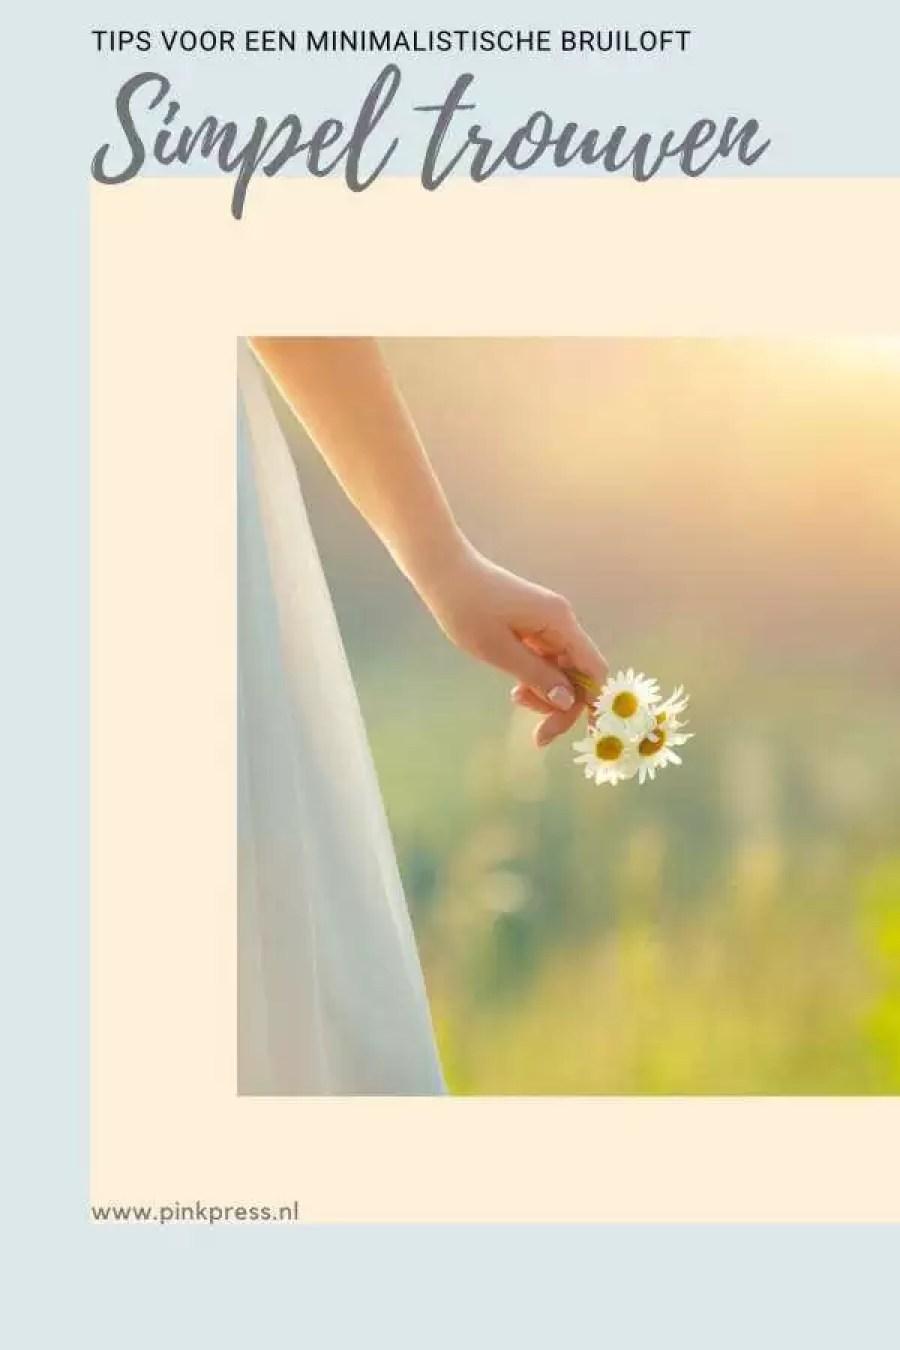 simpel trouwen - Een minimalistische bruiloft | simpel en alleen voor jullie